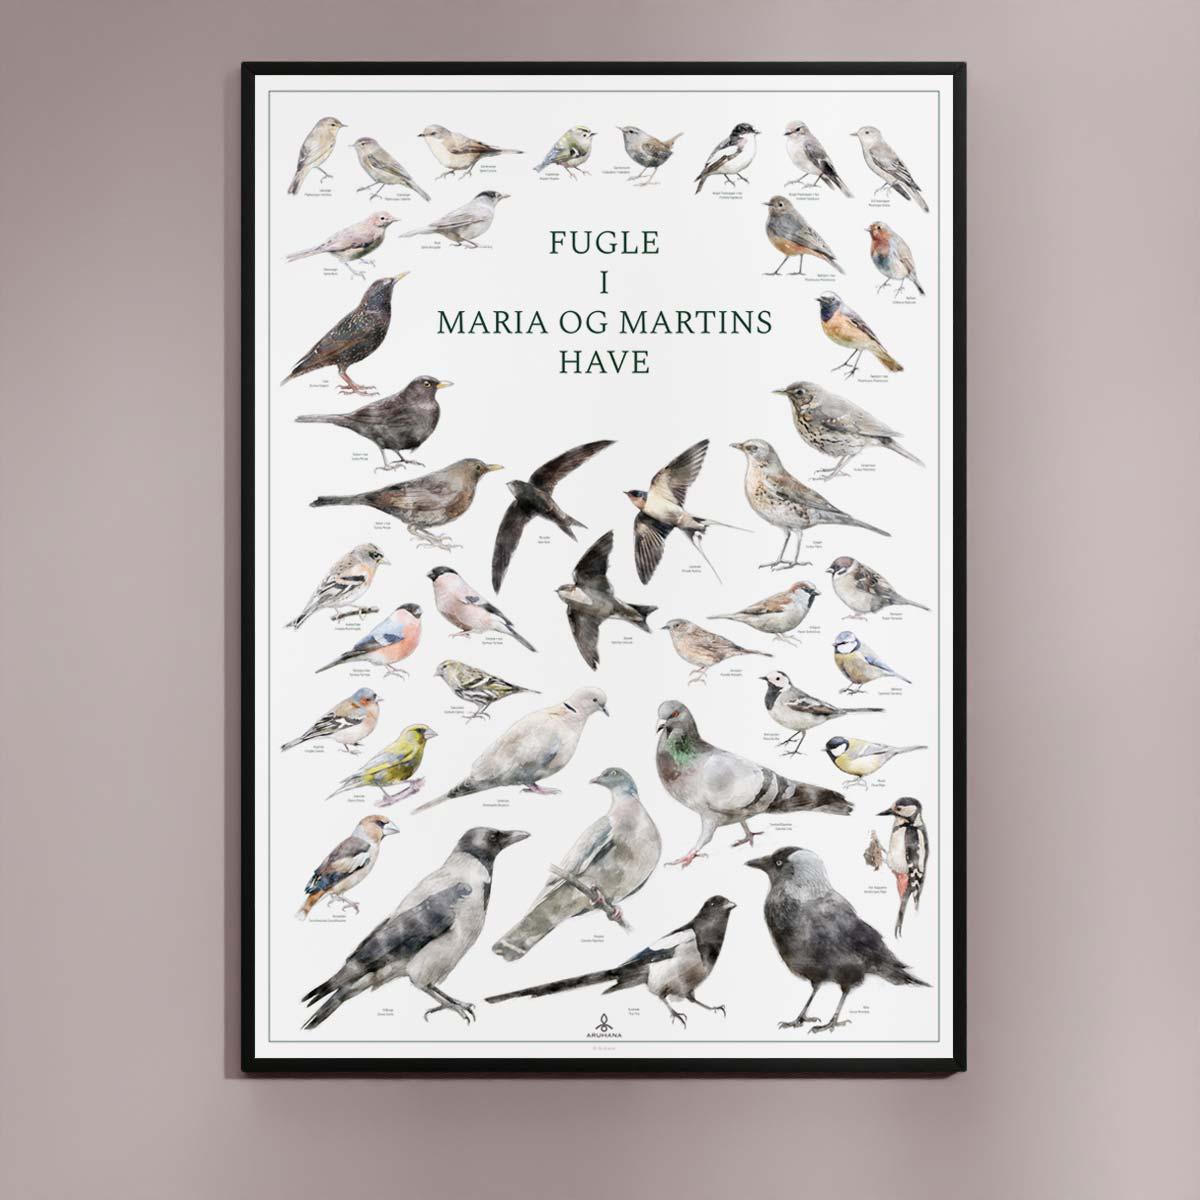 Fugle i Maria og Martins have - Moderne plakat med fugle i haven og personlig tekst - Original Fugleplakat fra Aruhana